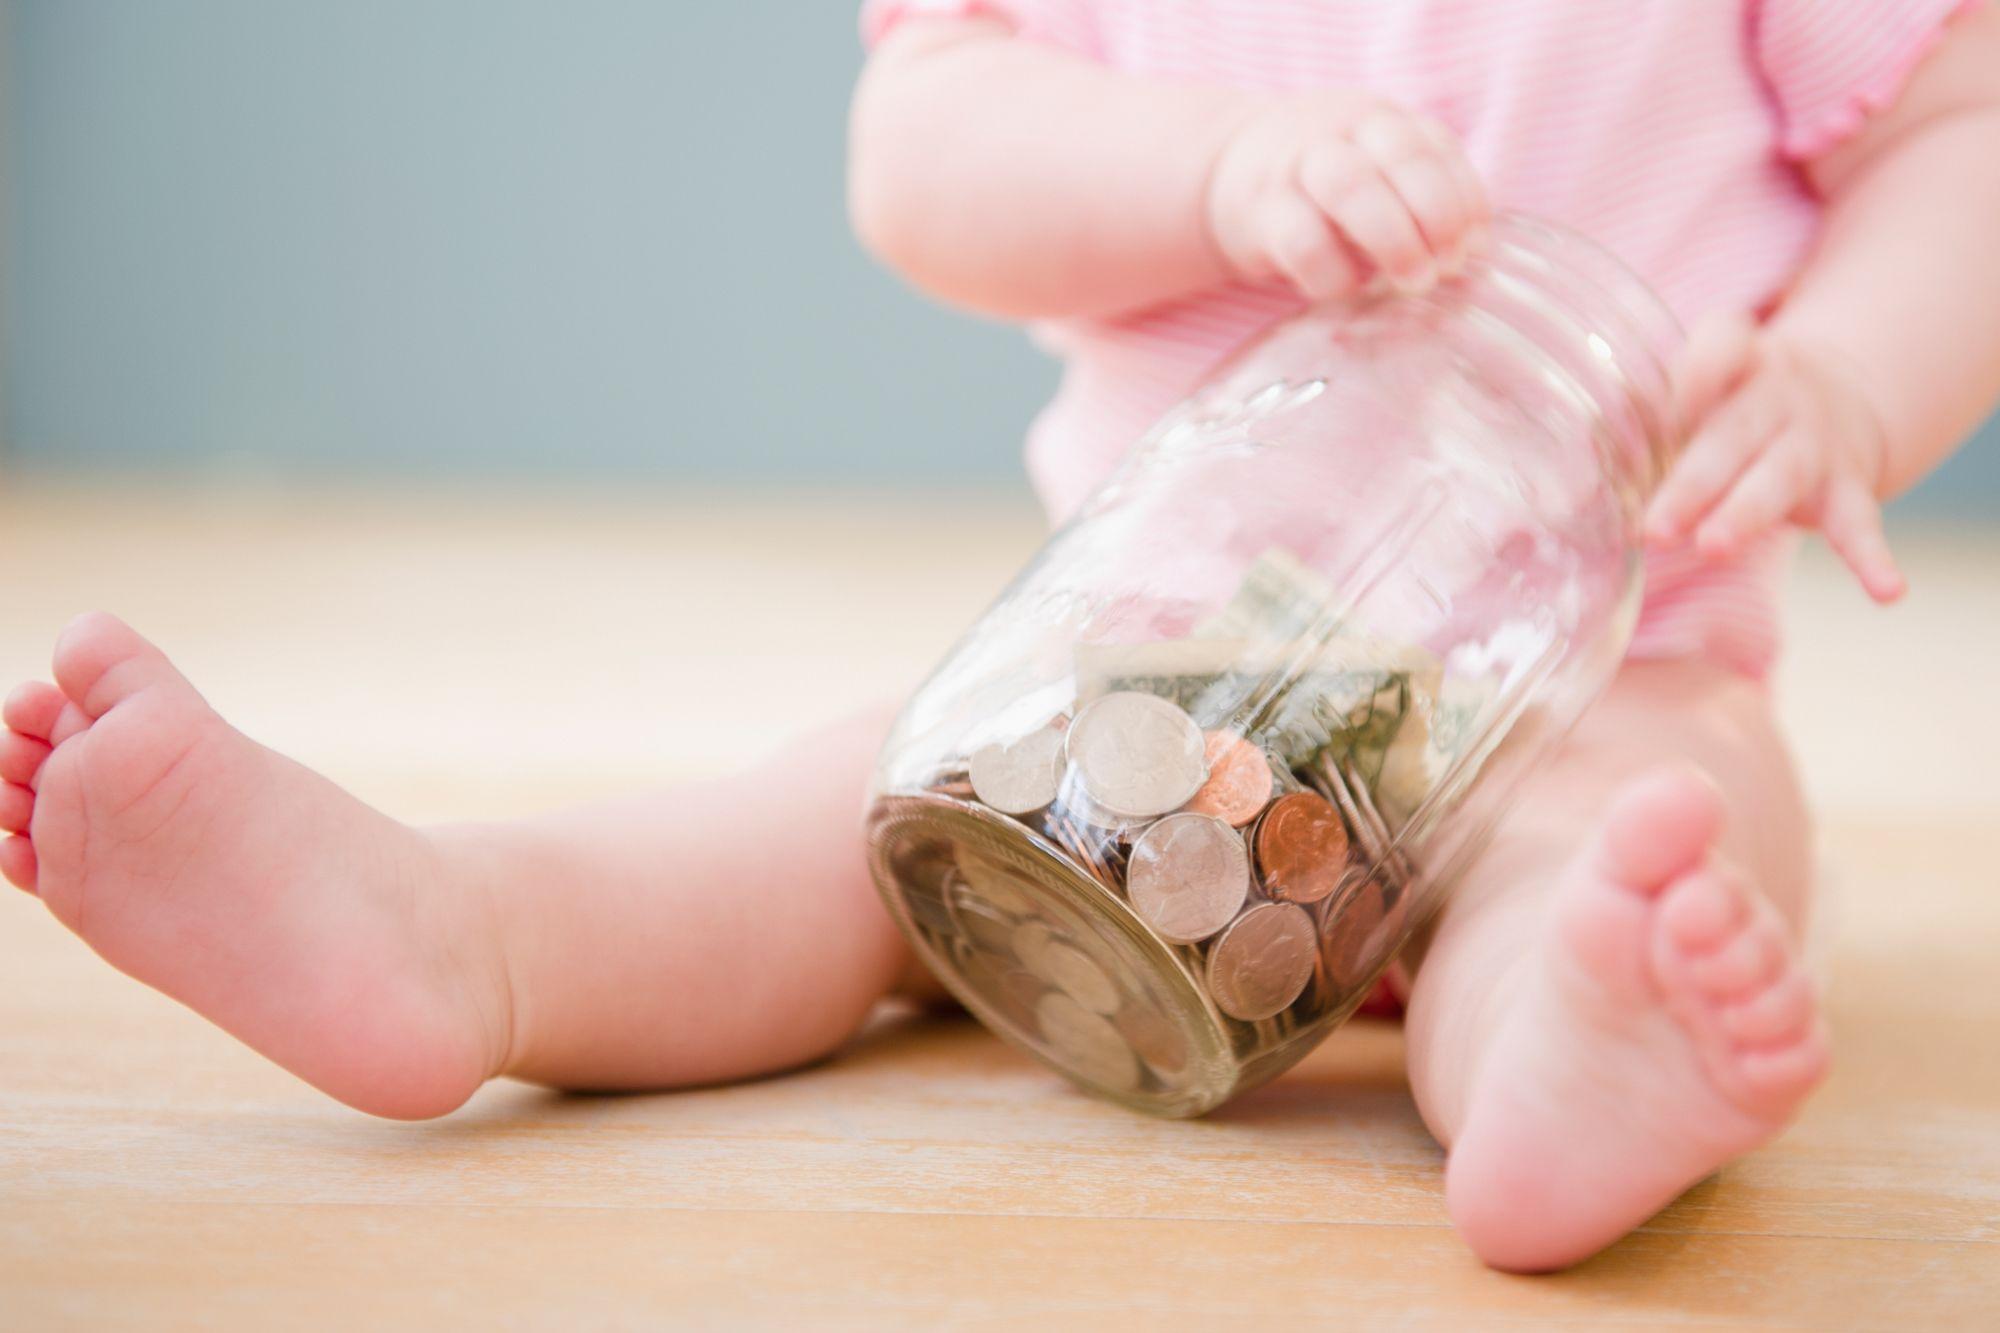 Ребенок проглотил монету симптомы. маленький ребенок проглотил монету - что делать?